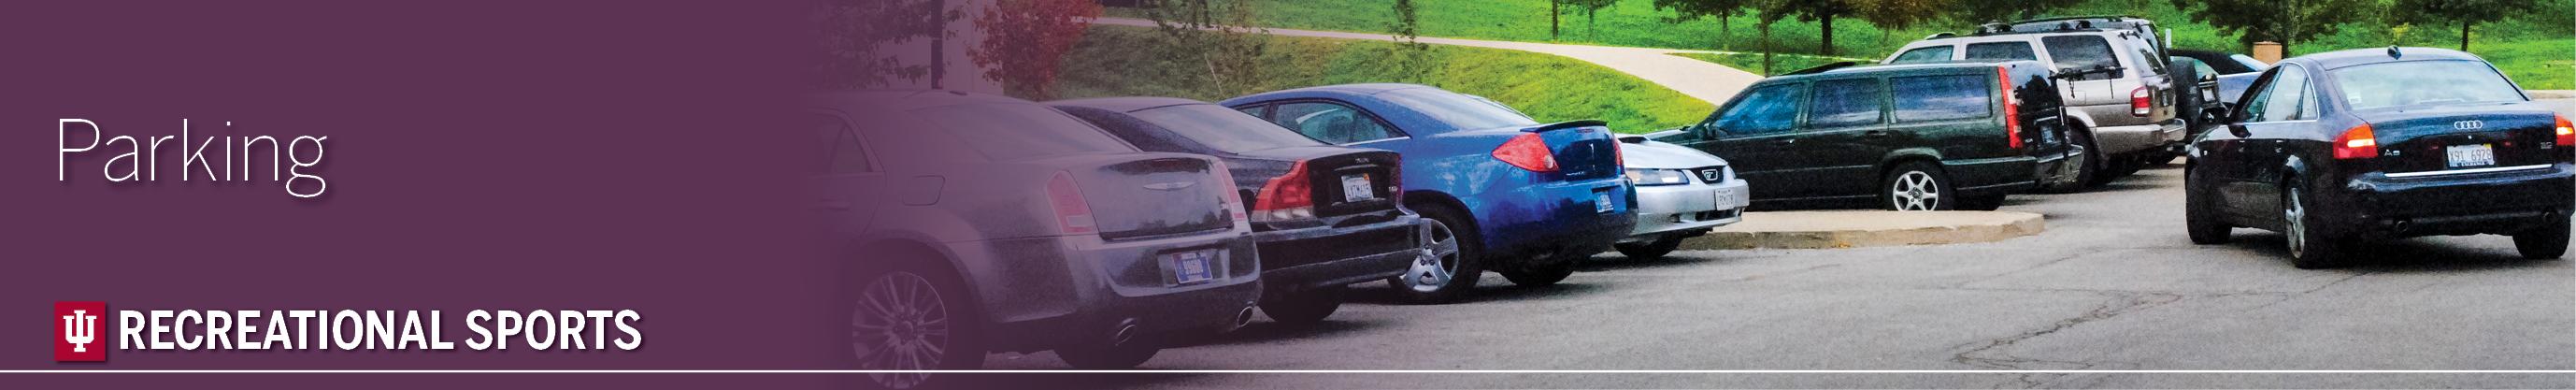 Validating parking at iu